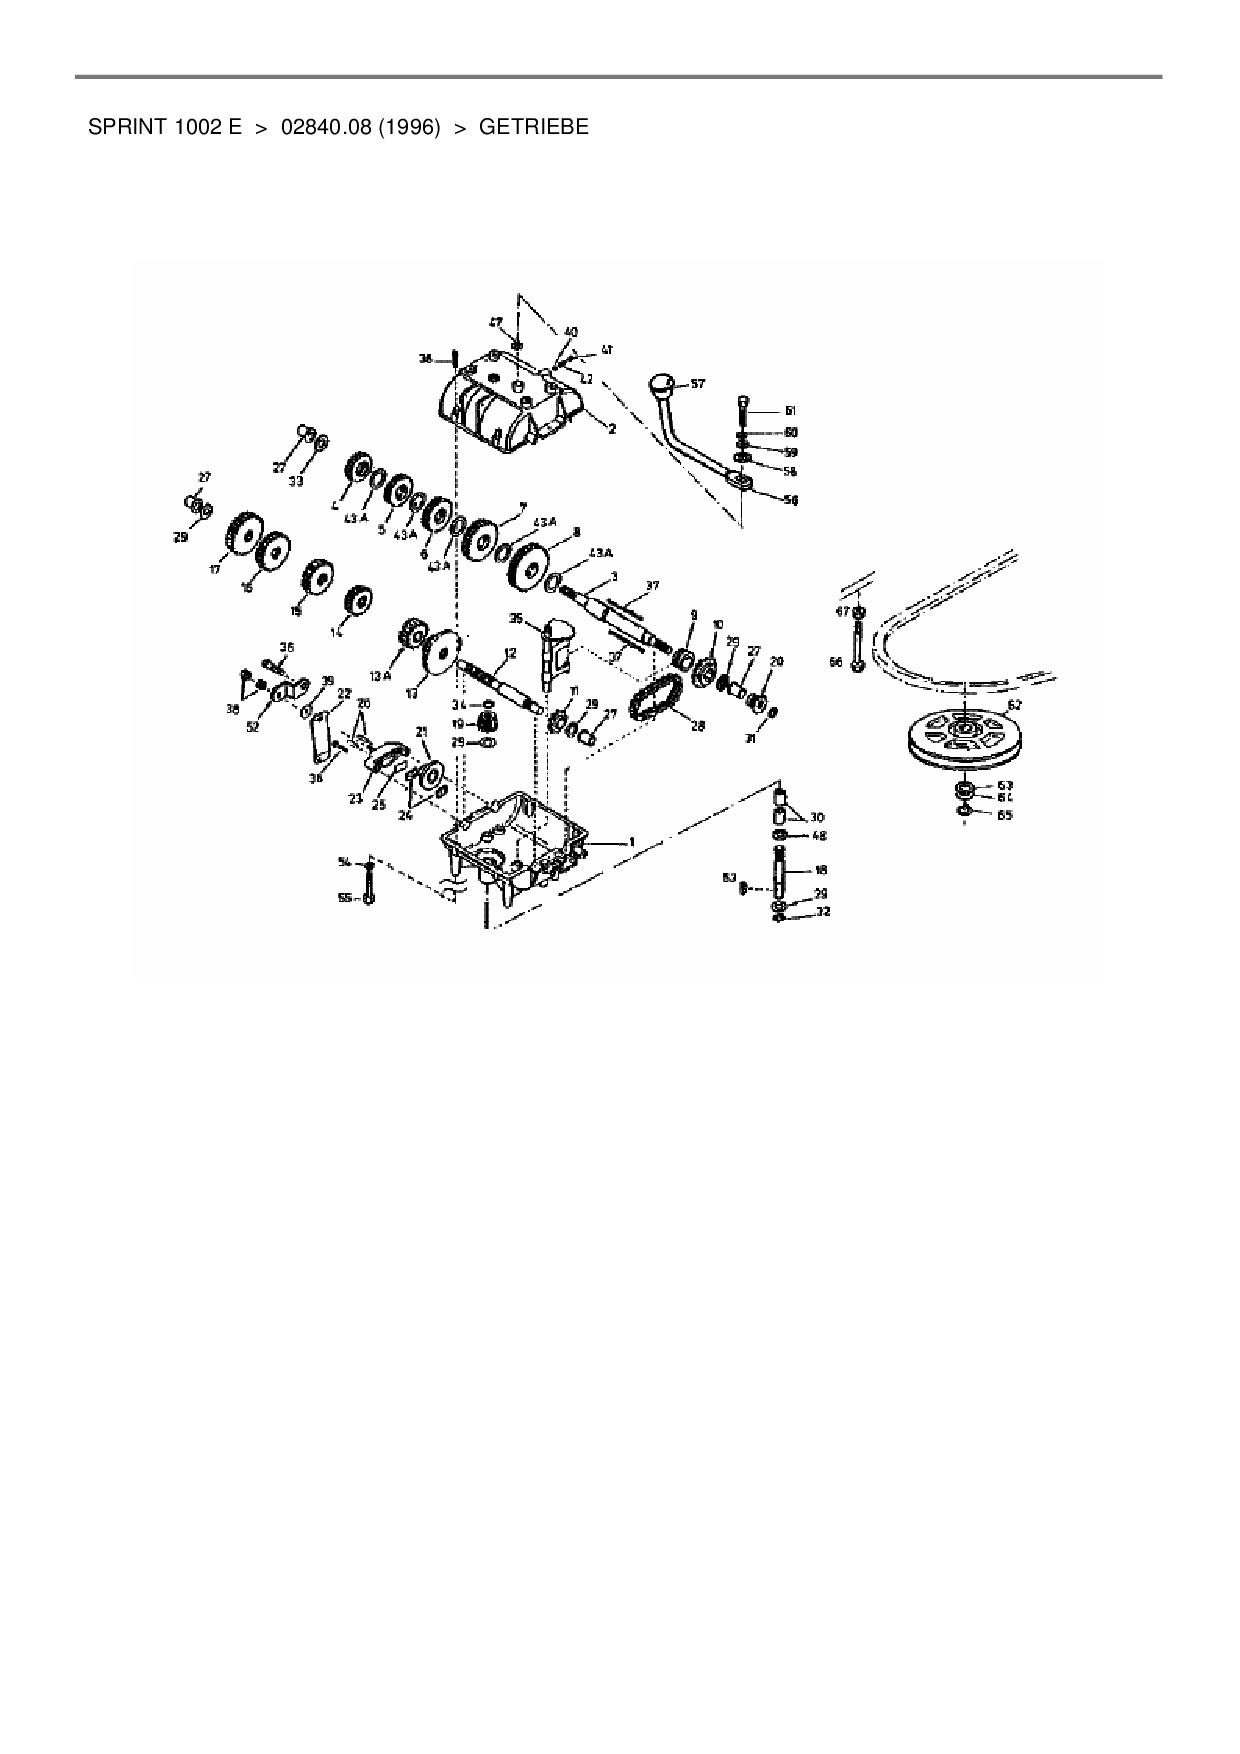 Ersatzteile von Gutbrod Rasentraktor Sprint 1002 E aus der Zeichnung